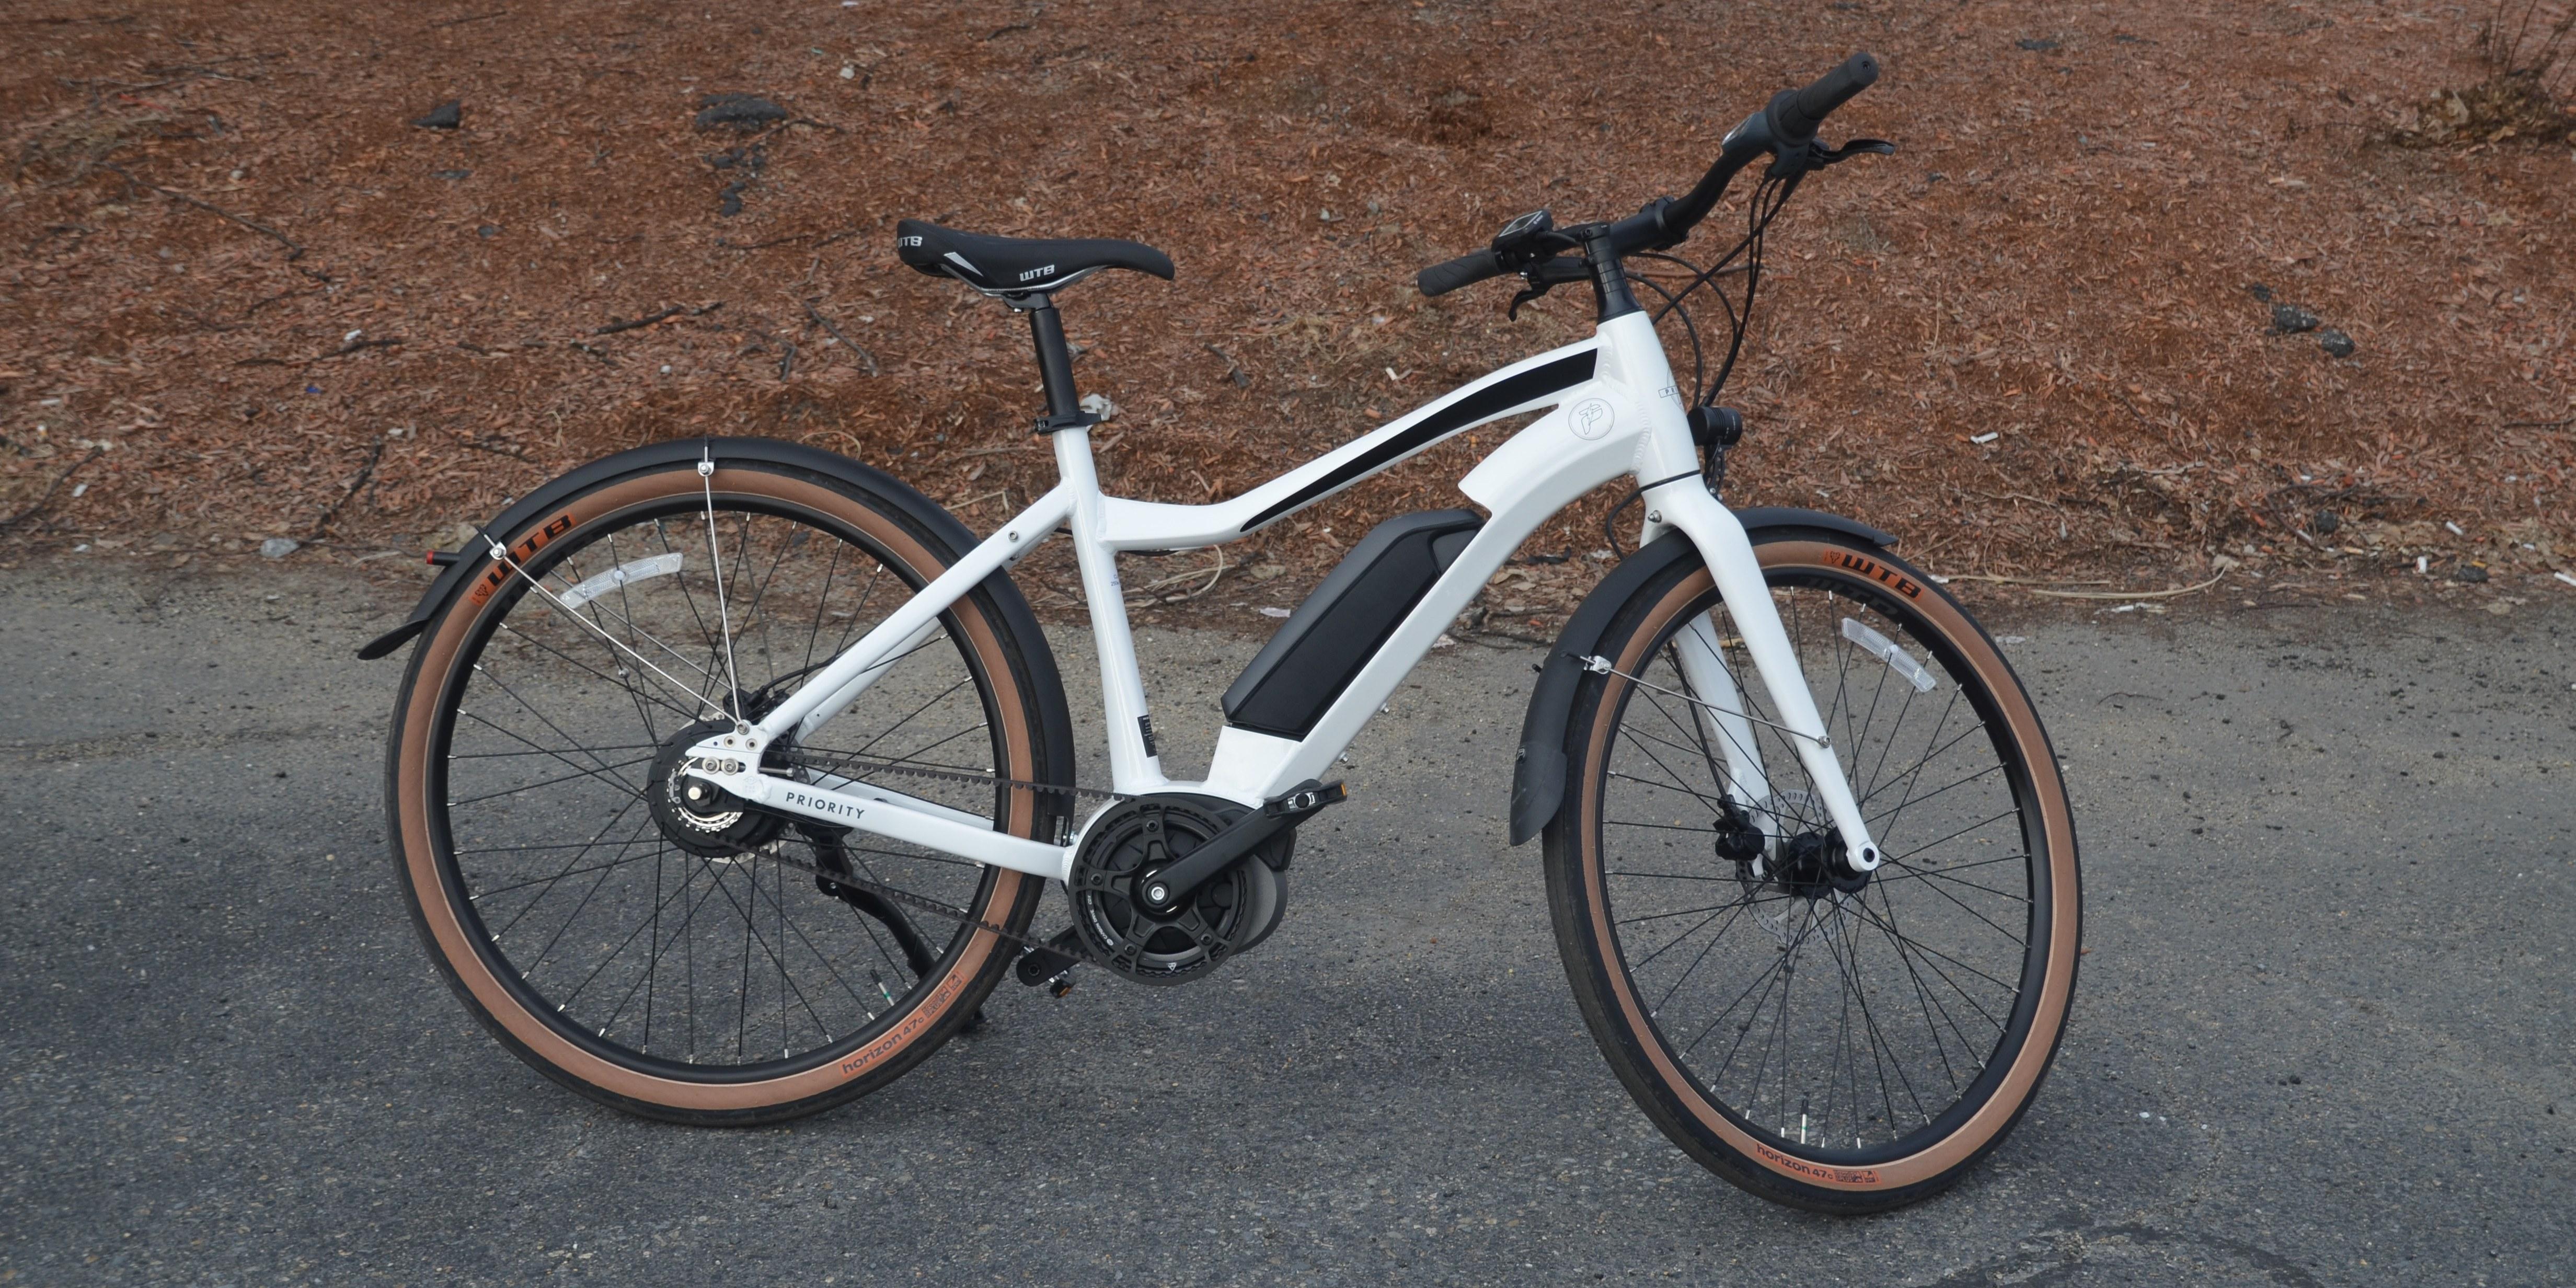 priority embark review premium e-bike